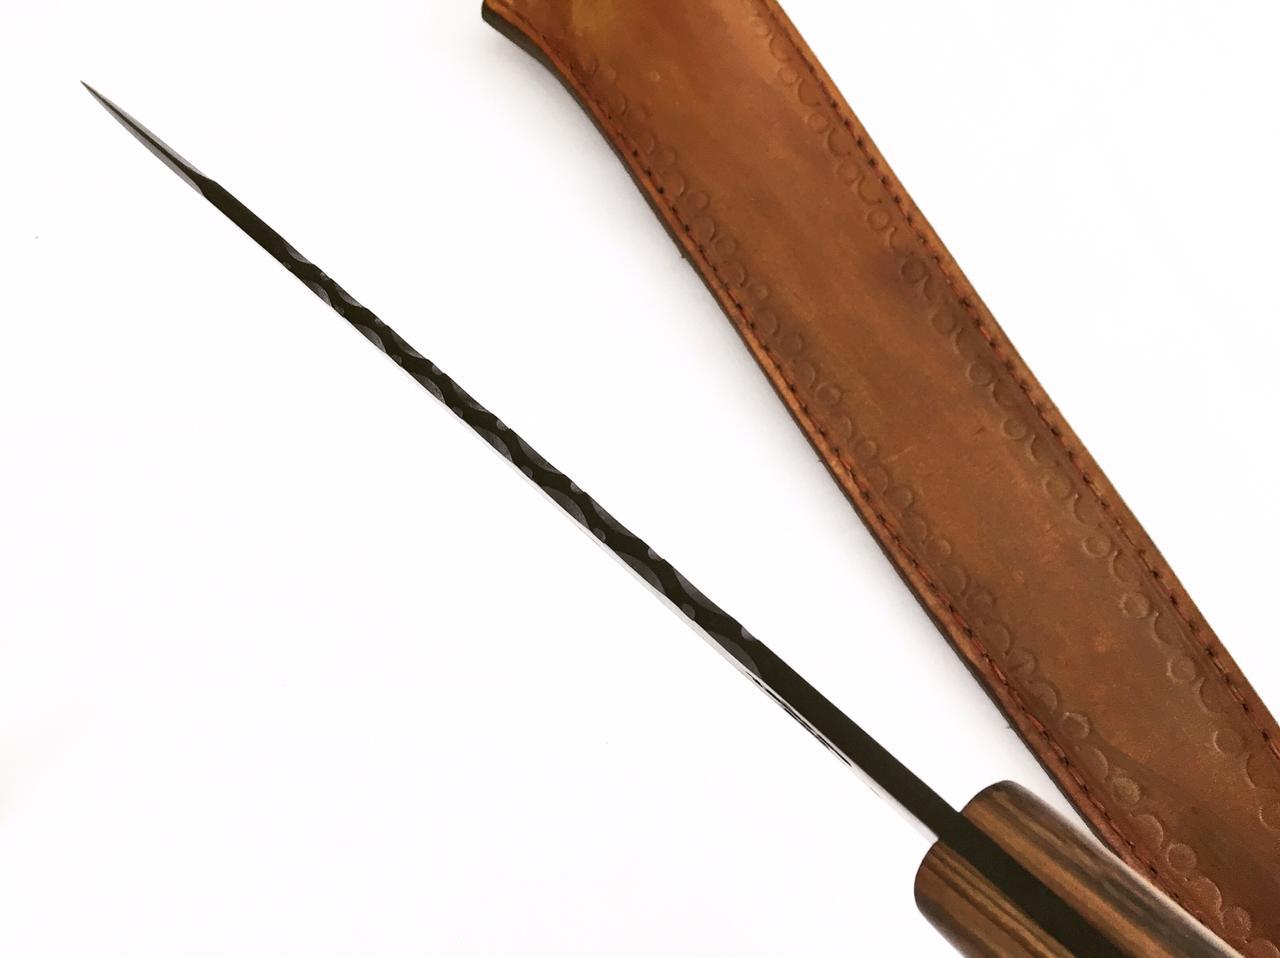 Faca artesanal javalizeira negra 12 polegadas